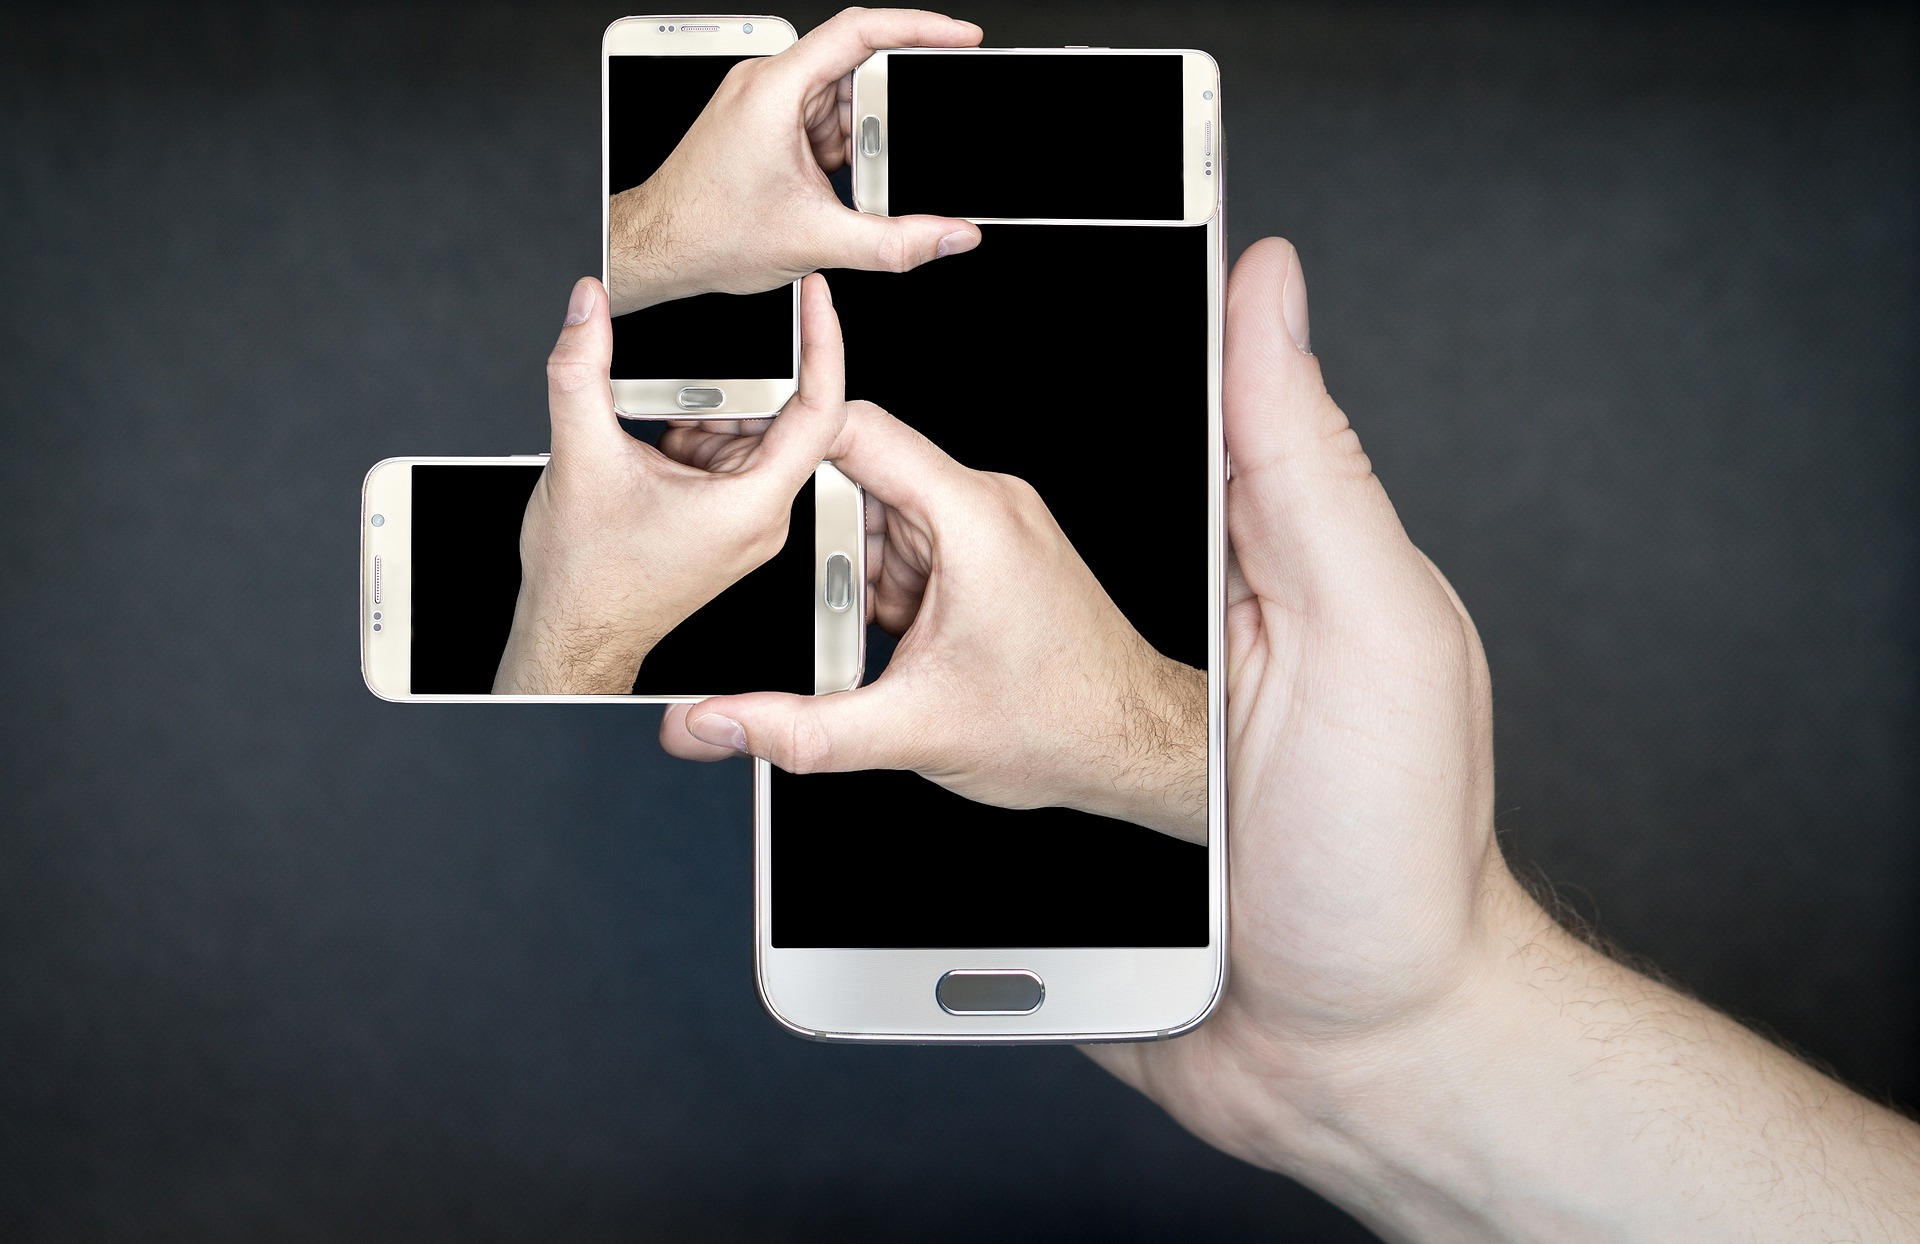 Лучшие смартфоны 2019 поверсии западных СМИ